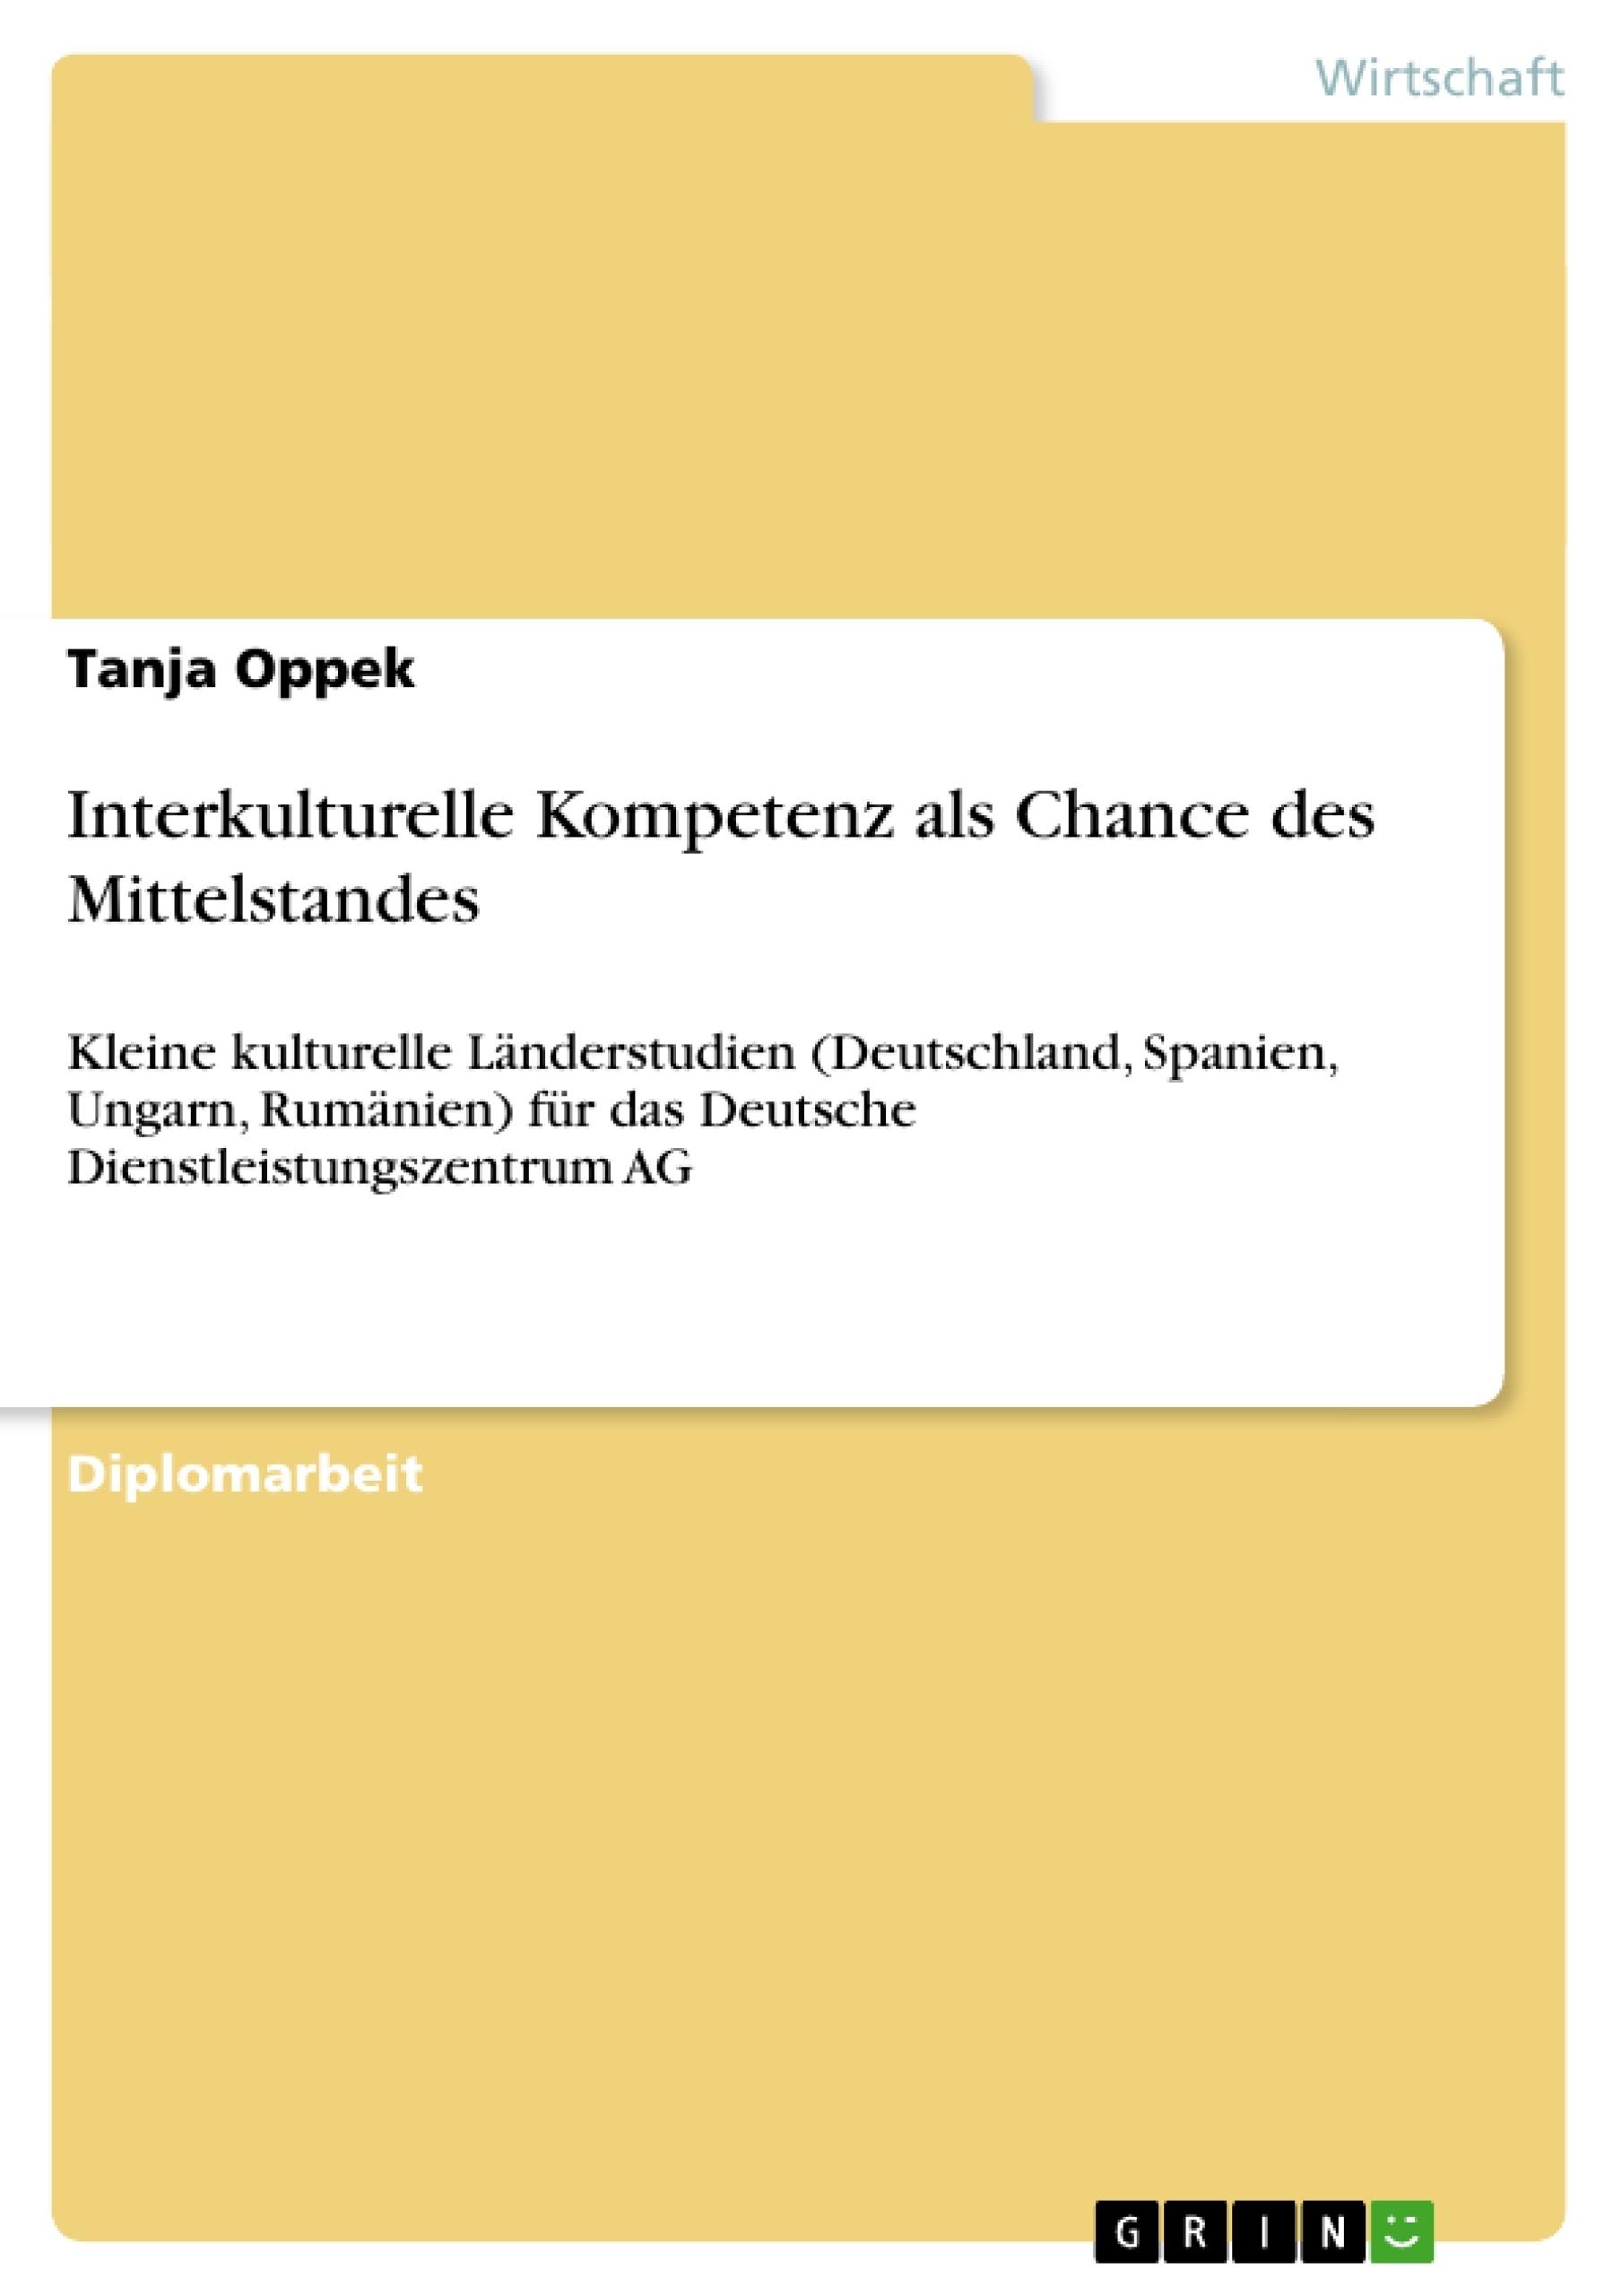 Titel: Interkulturelle Kompetenz als Chance des Mittelstandes